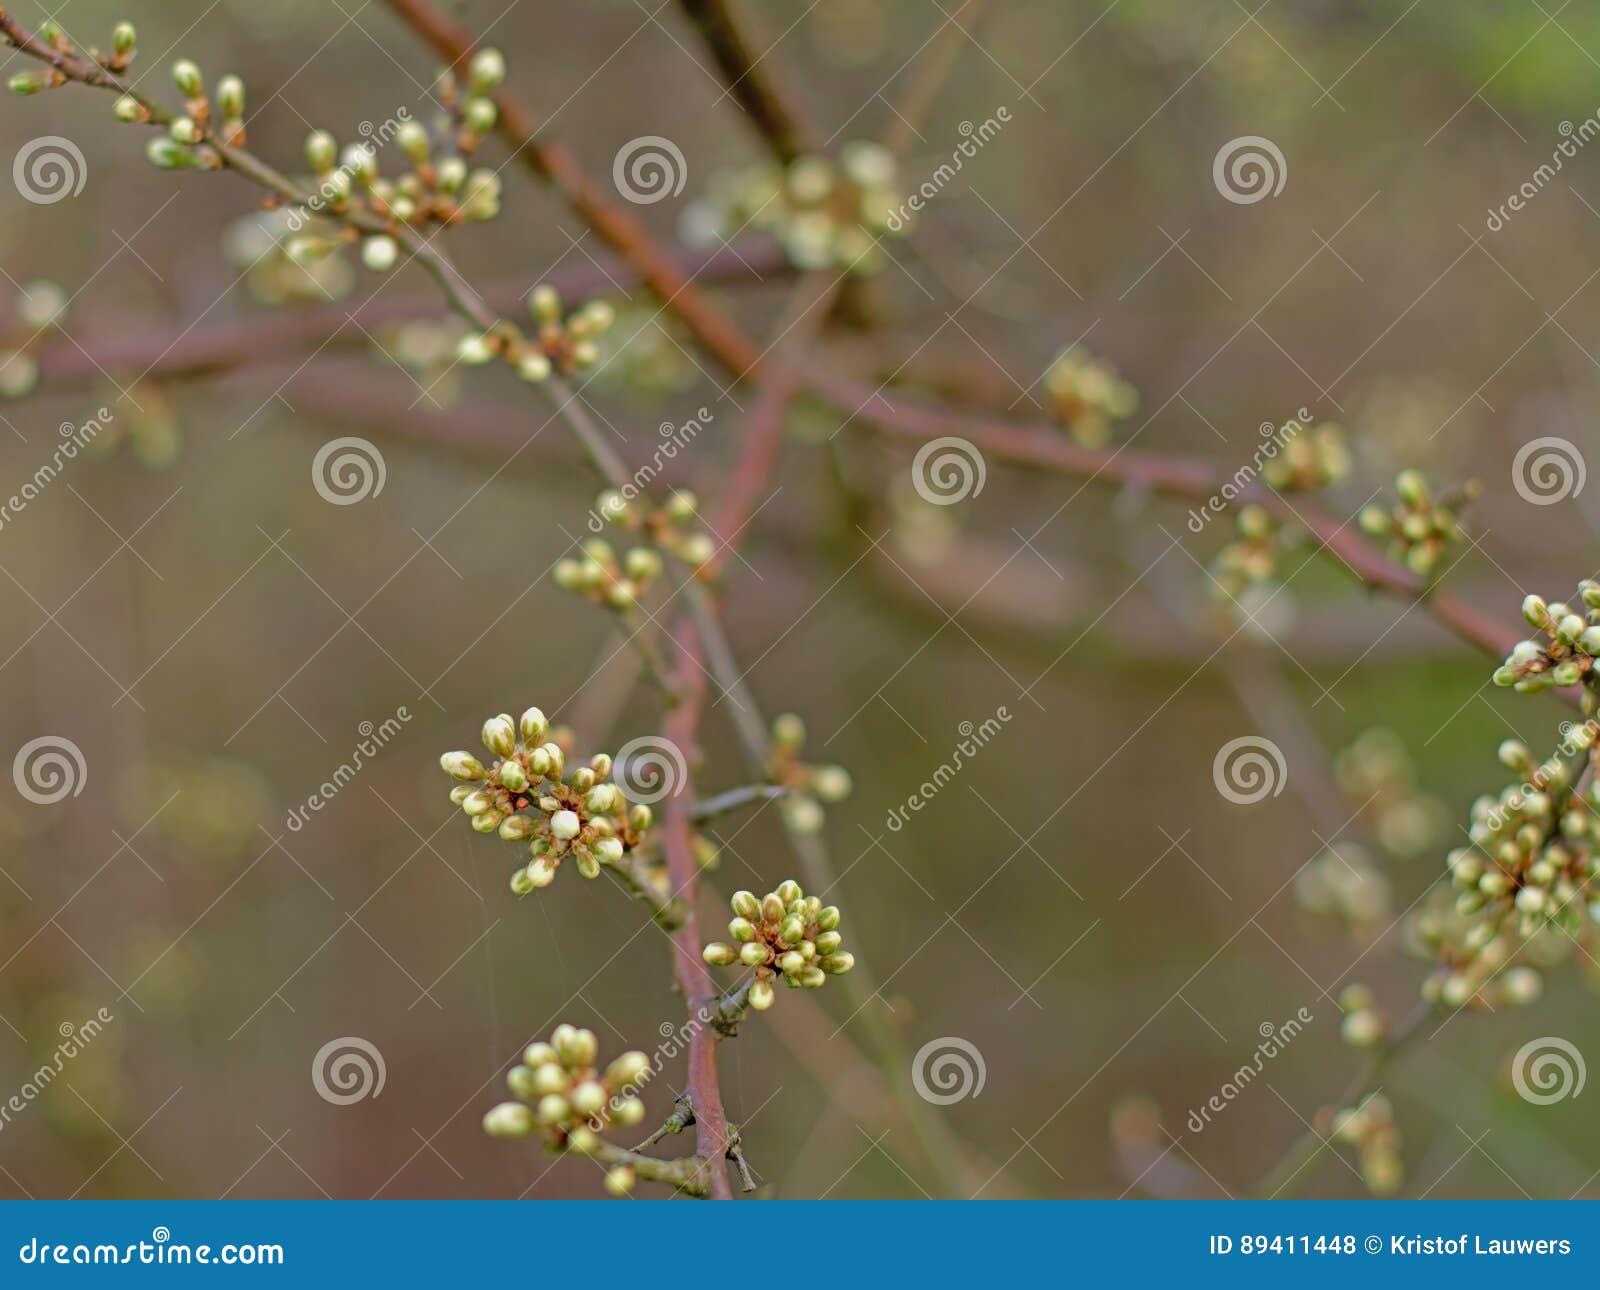 Botões brancos da flor de cerejeira - Prunus